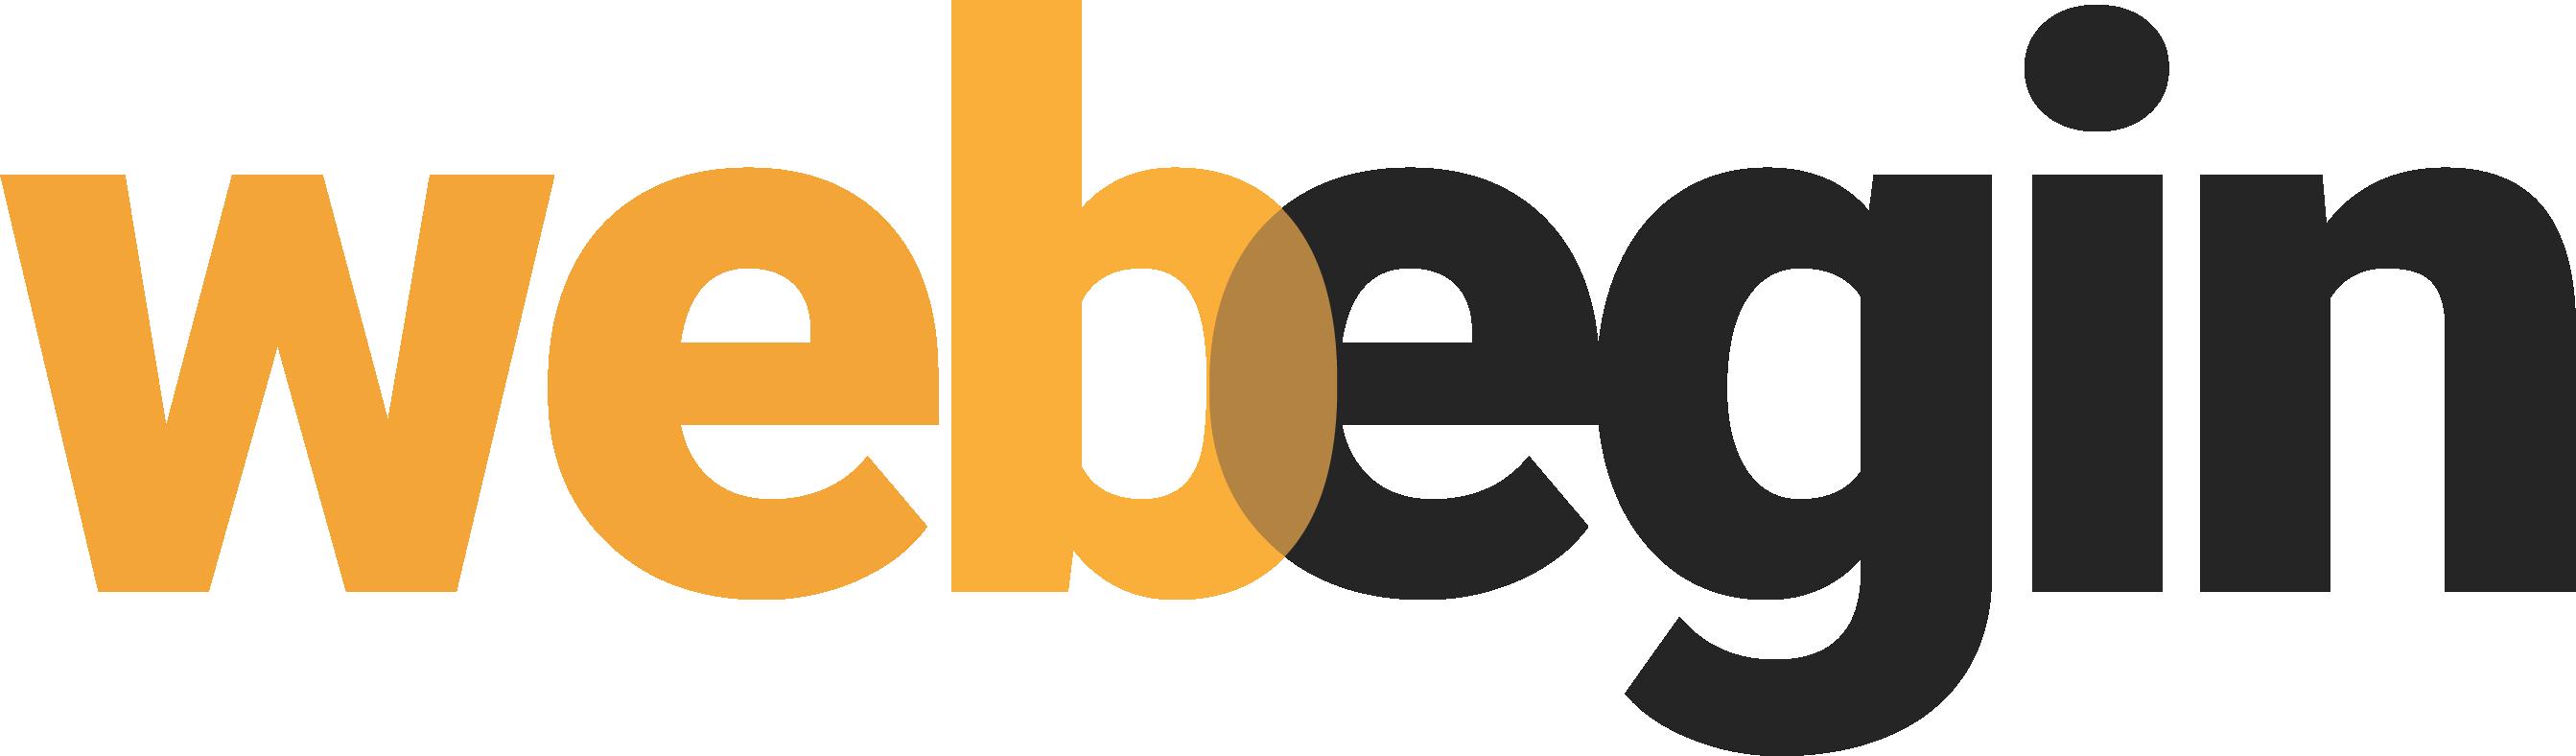 Webegin